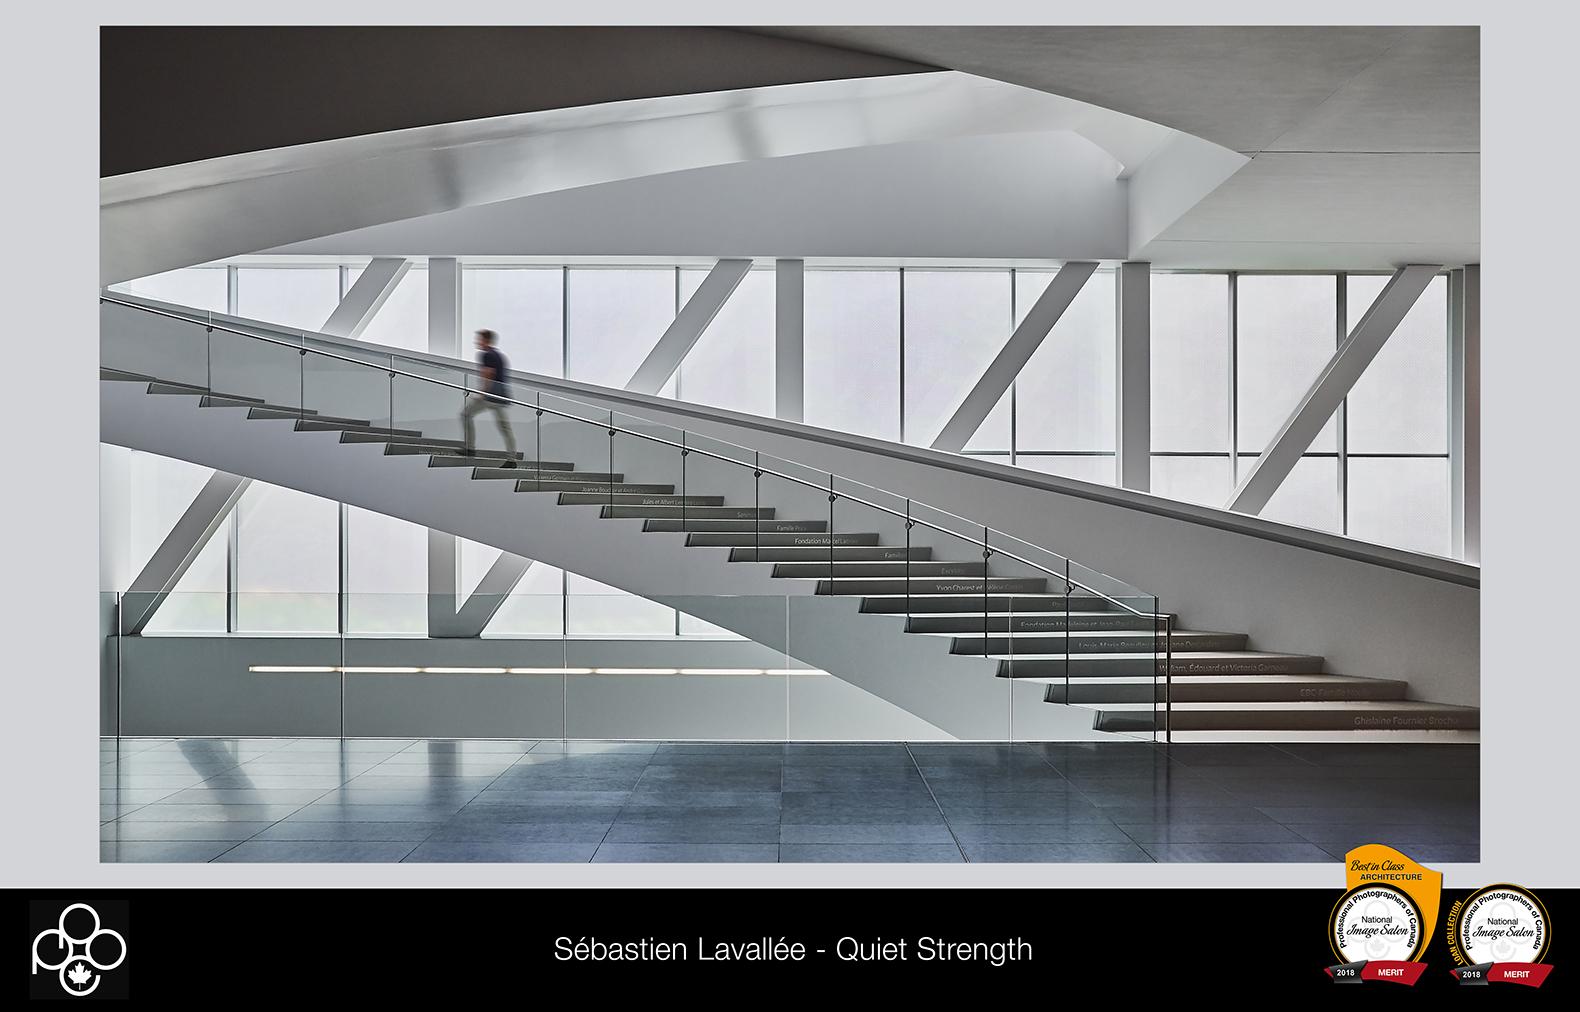 Le photographe Sébastien Lavallée remporte le prix de la meilleure photo dans la catégorie «Architecture» dans le cadre de la compétition annuel des PPOC (Photo : Sebastien Lavallee)